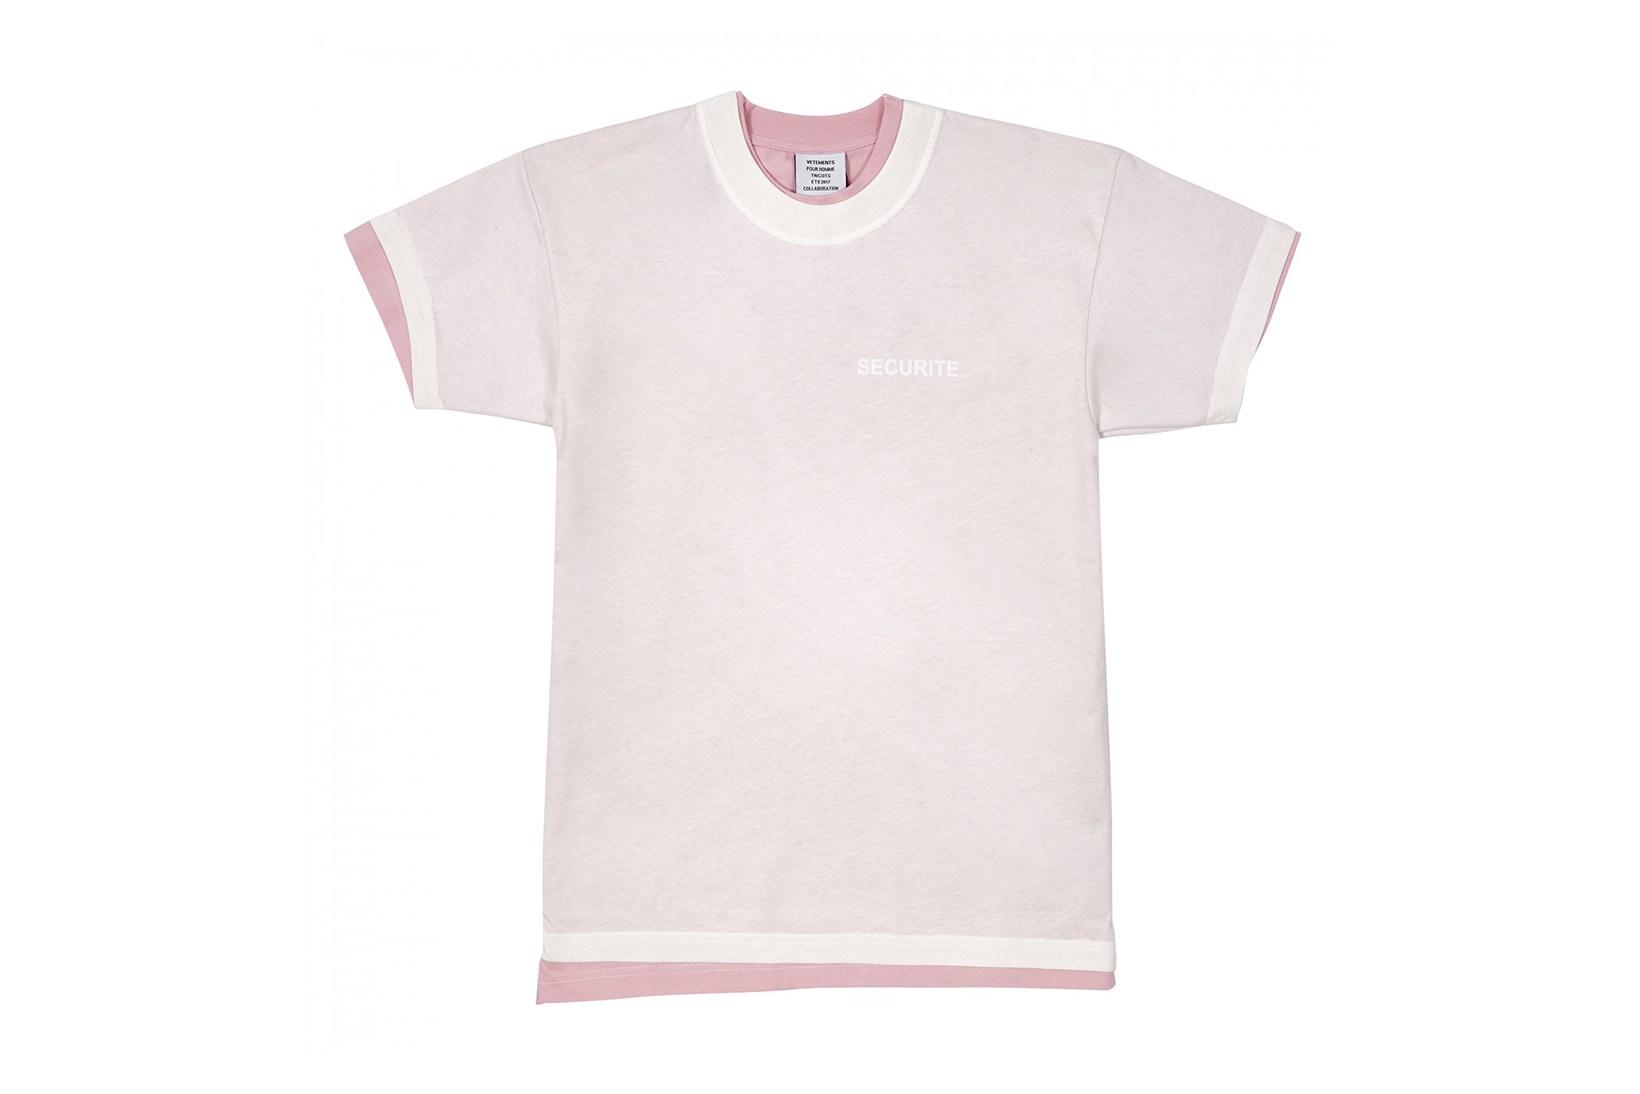 Vetements lance de nouveaux t-shirts «Securite»